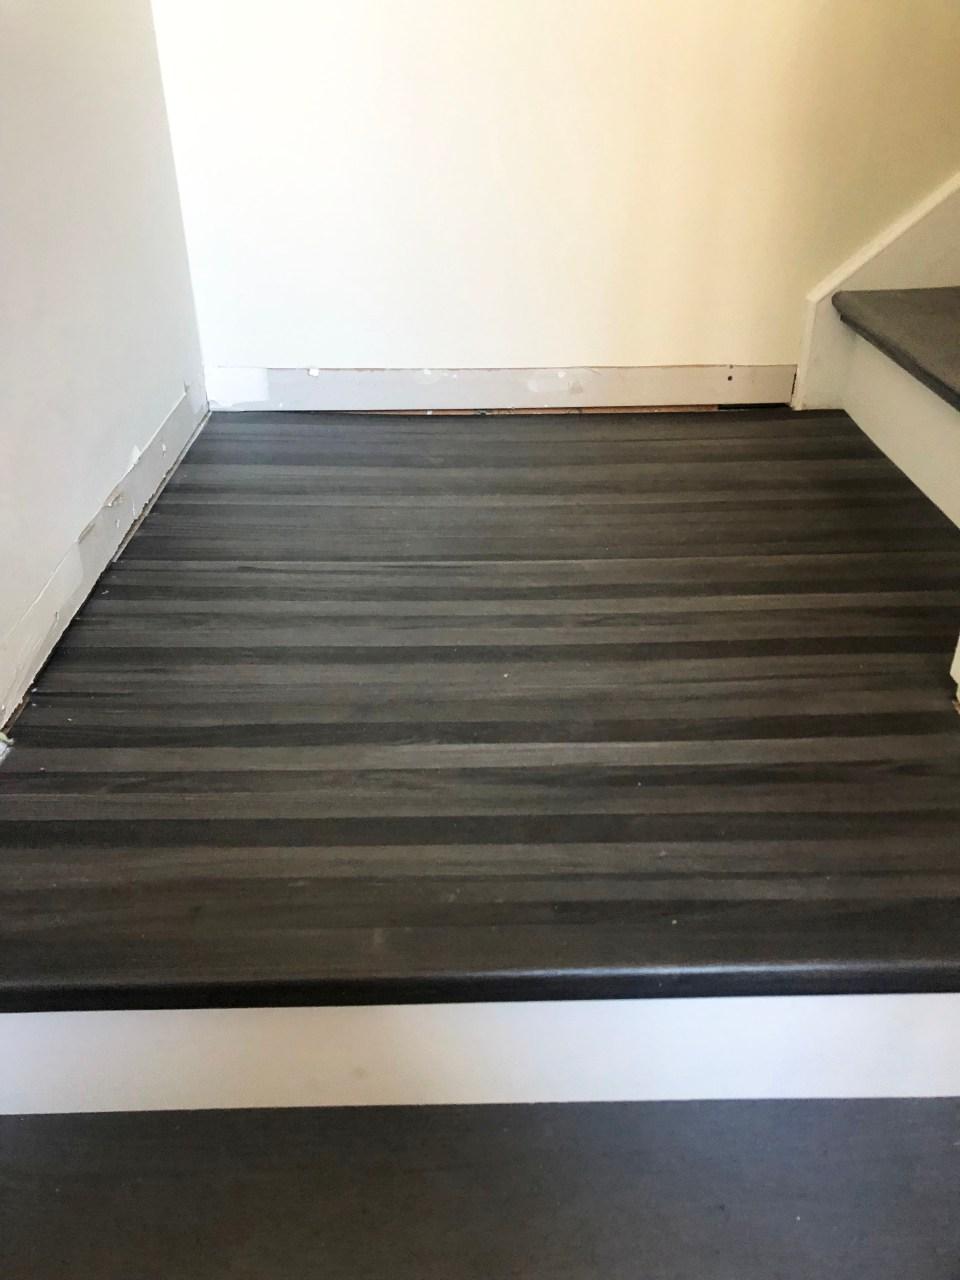 Foyer - Stairs Update 13